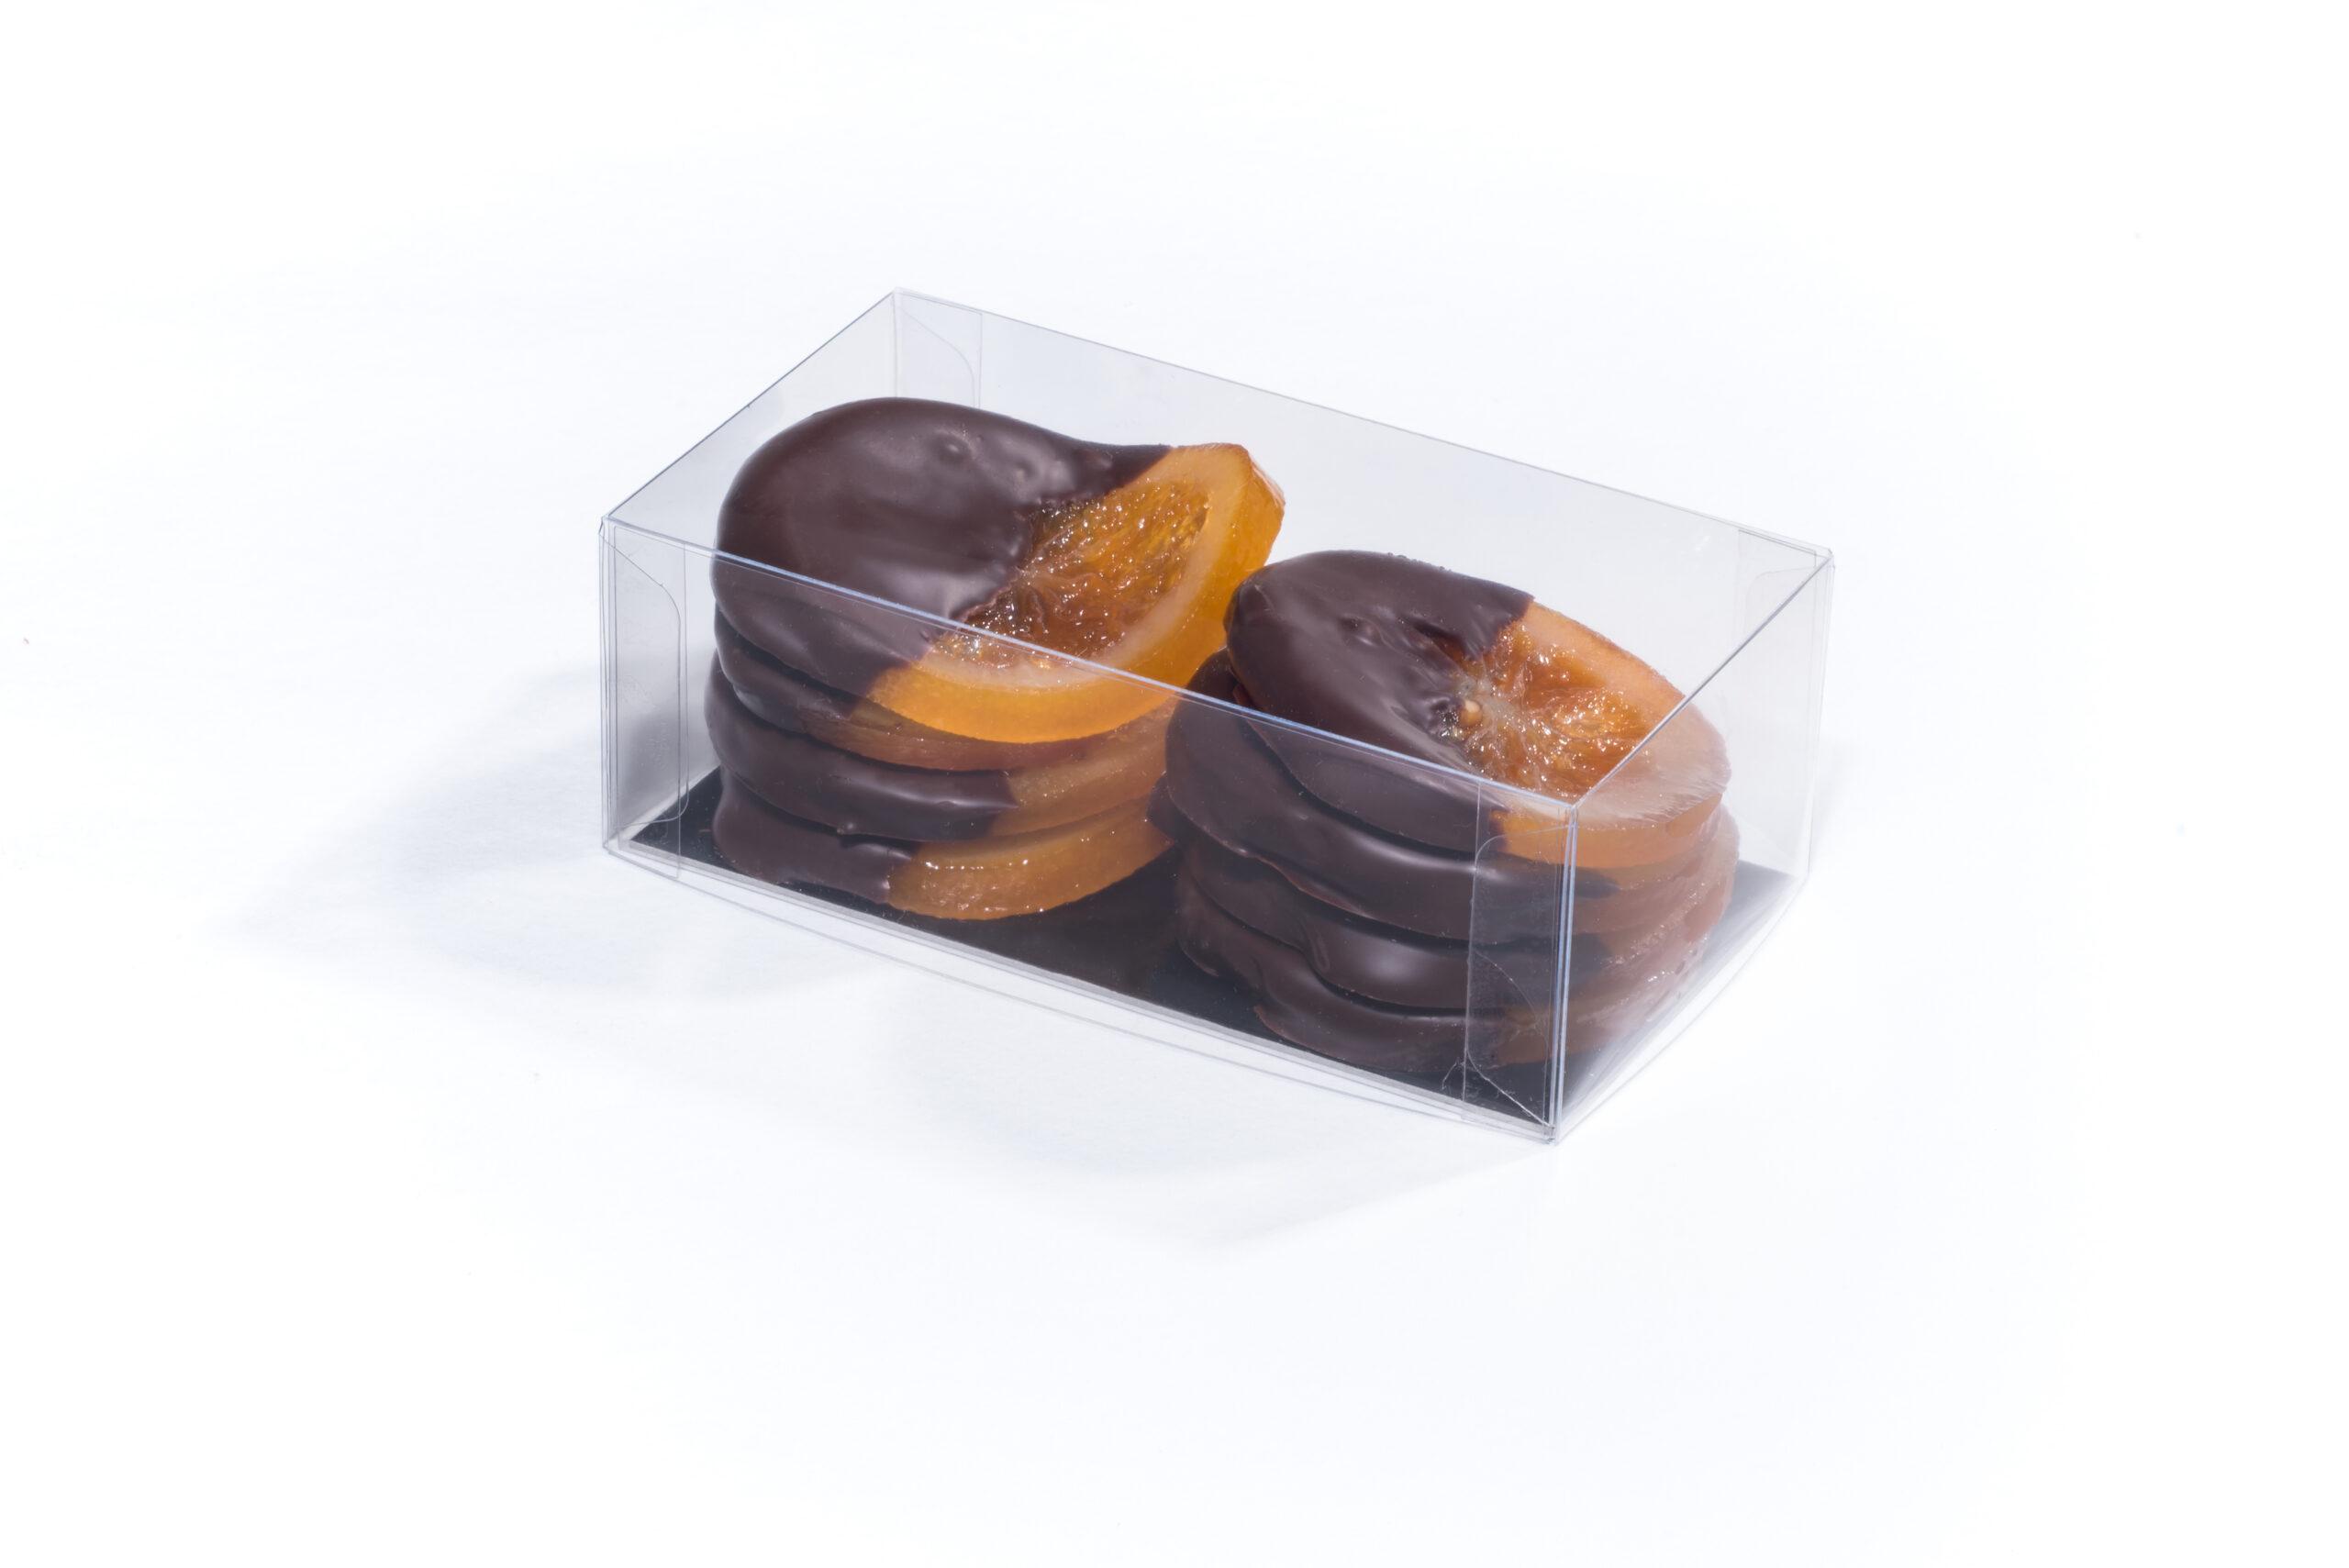 Snoepverpakkingen | Verpakkingen voor snoep | Verpakkingen voor snoepgoed